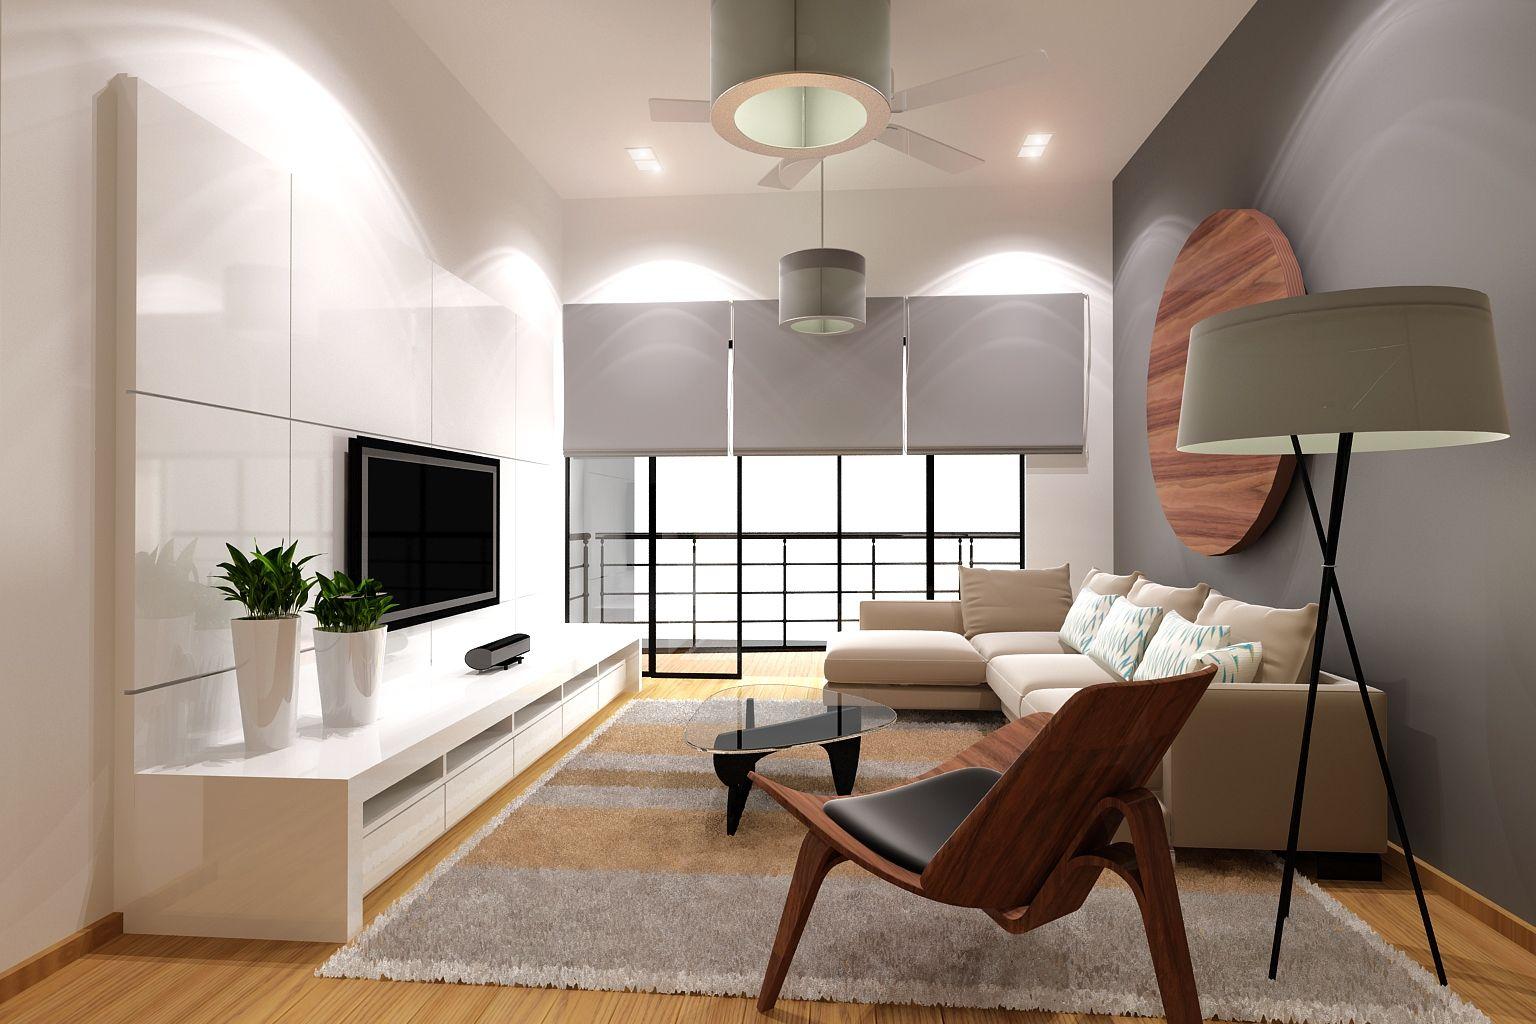 Living Room Design Ideas Condo Wwmq0xchk9 Bajiceco Within Interior